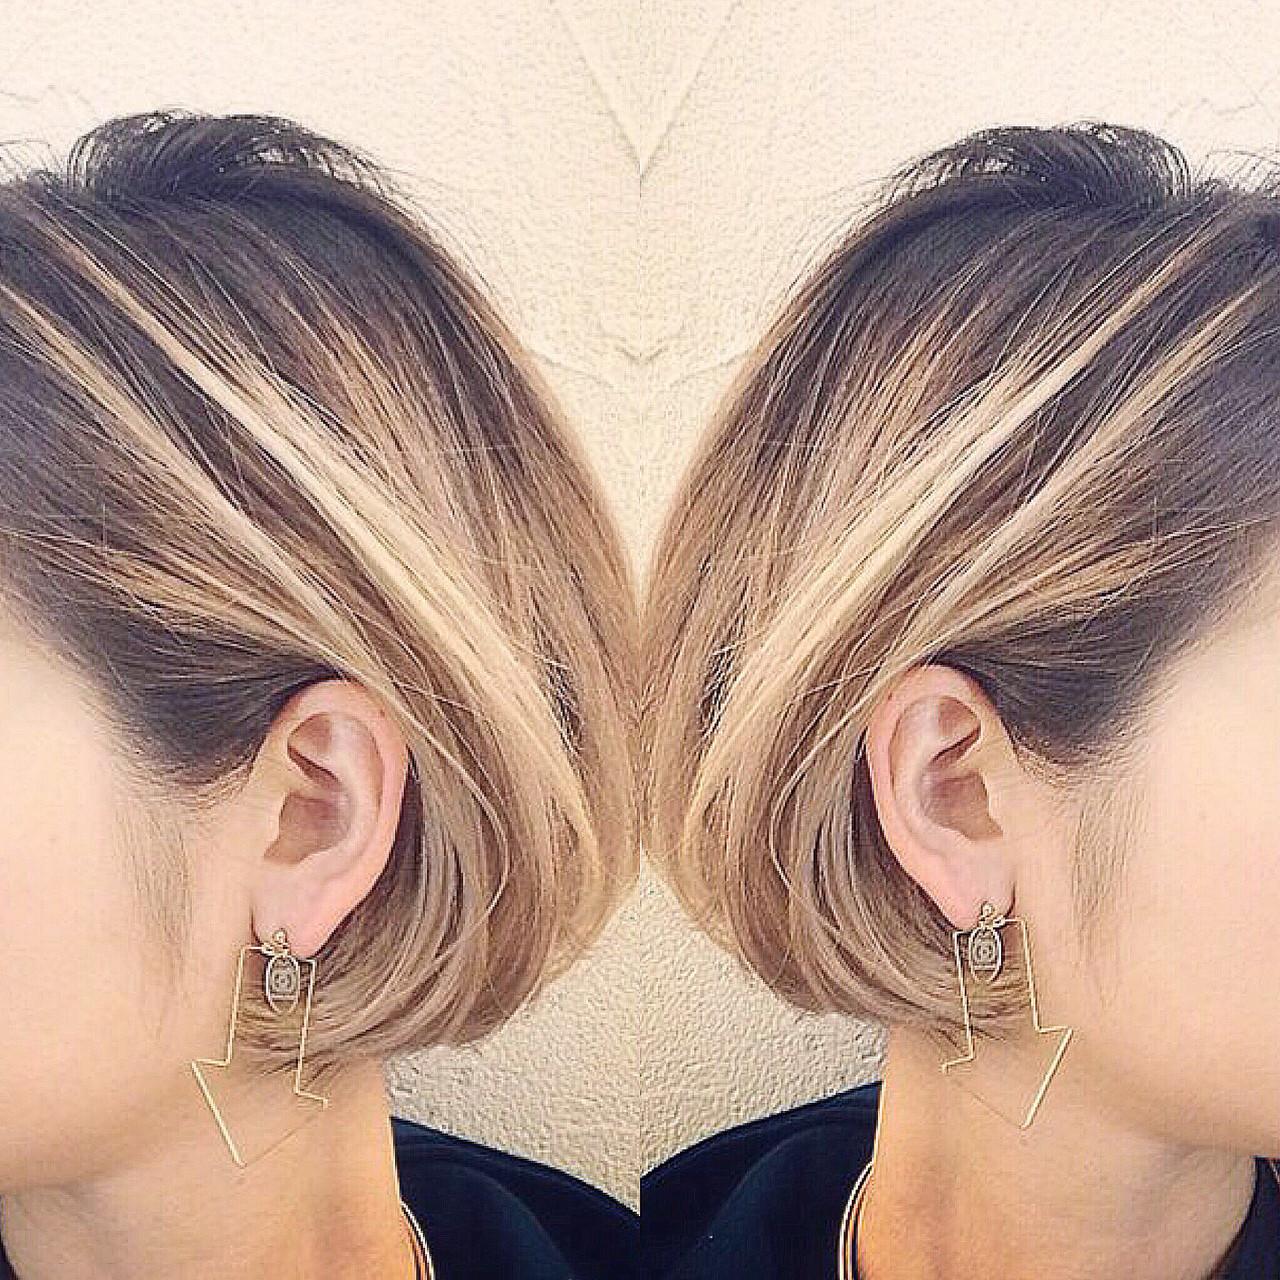 インナーカラー ボブ ストリート バレイヤージュヘアスタイルや髪型の写真・画像